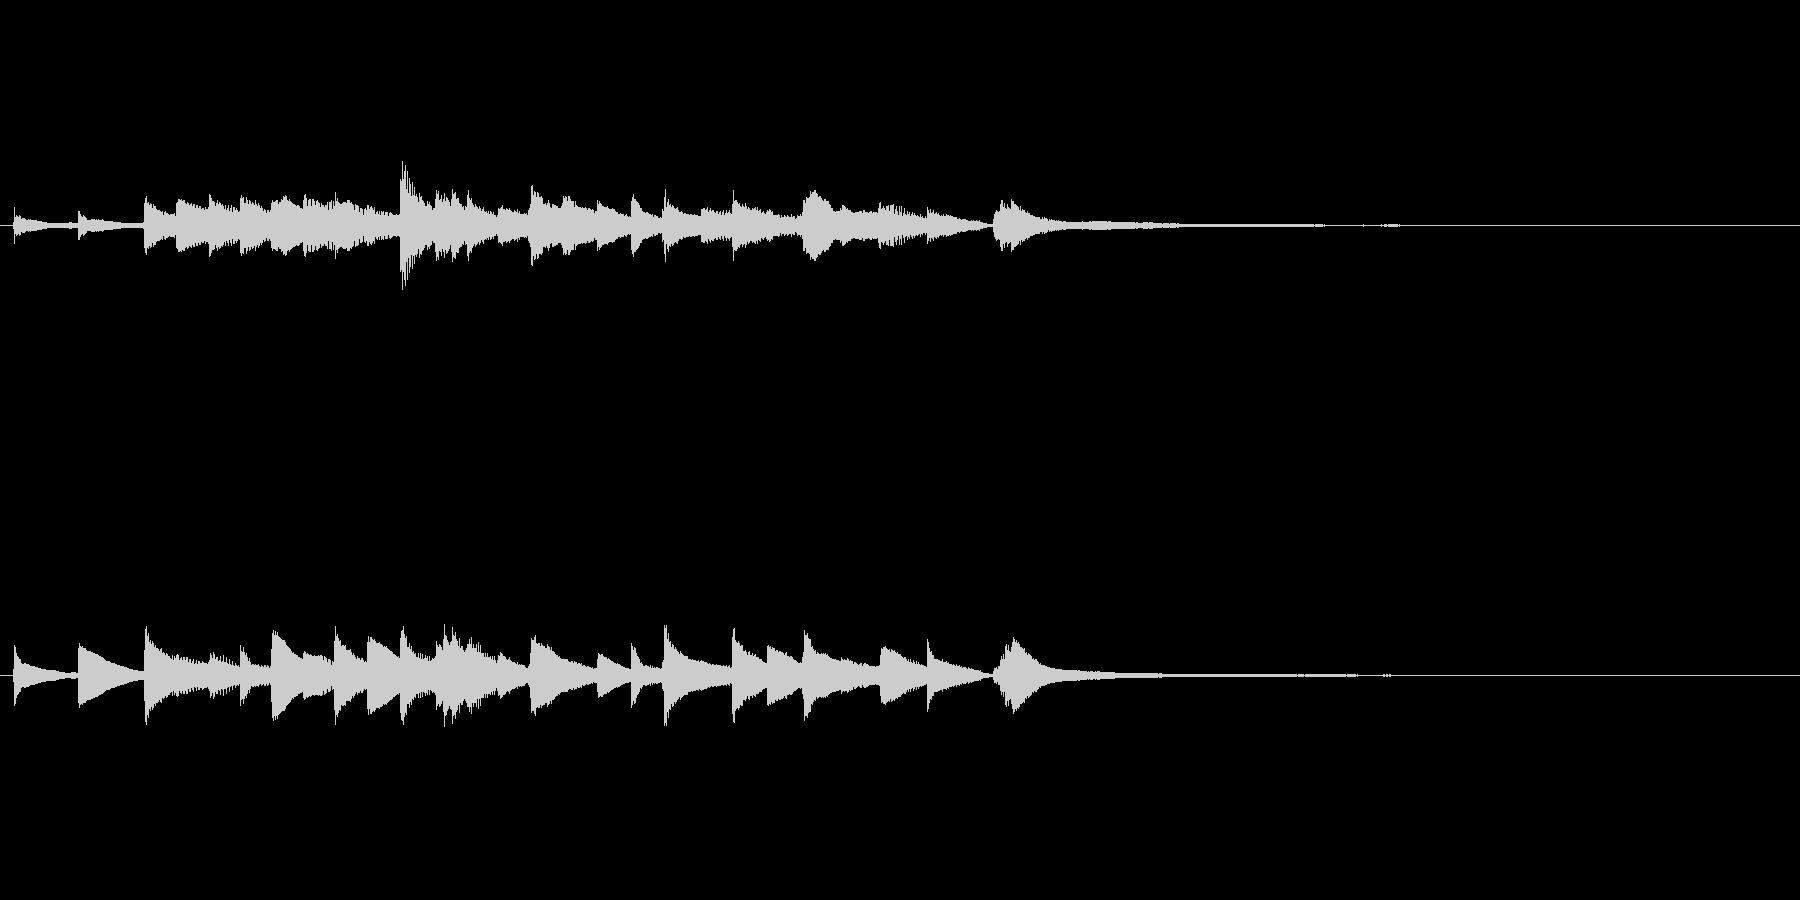 和風ピアノ 場面転換にの未再生の波形